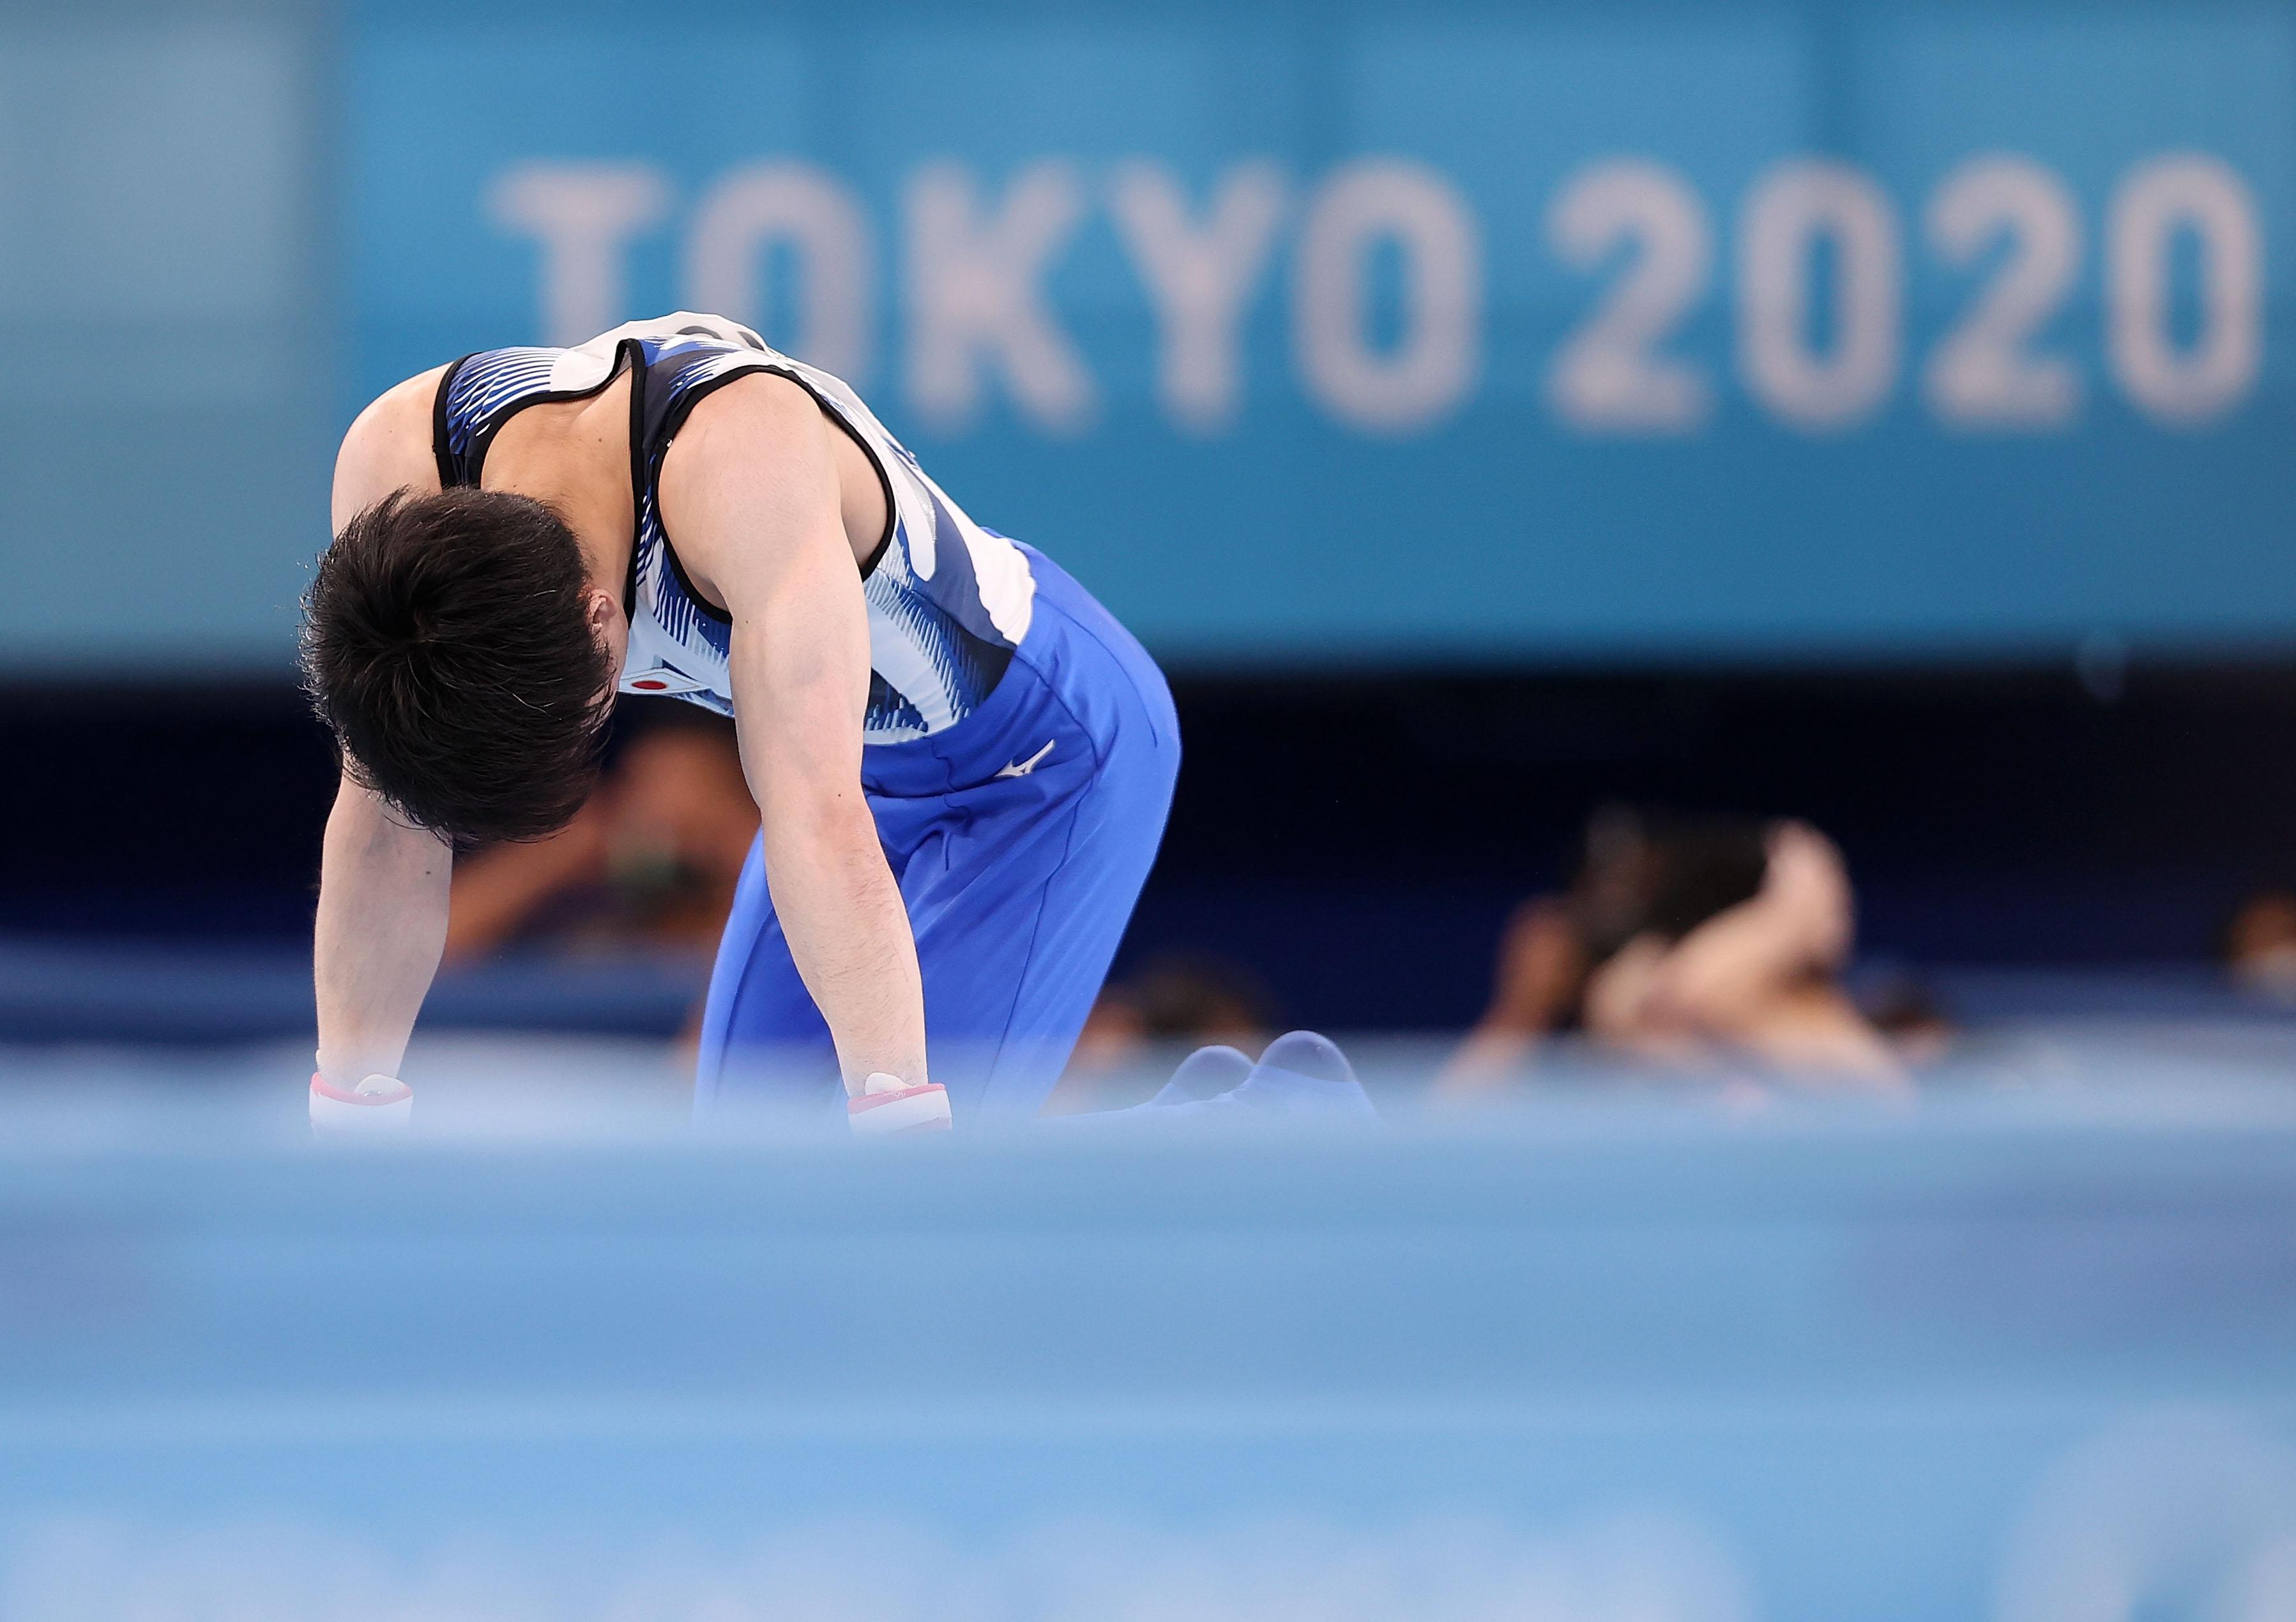 日本选手内村航平在比赛中失误。新华社记者曹灿摄